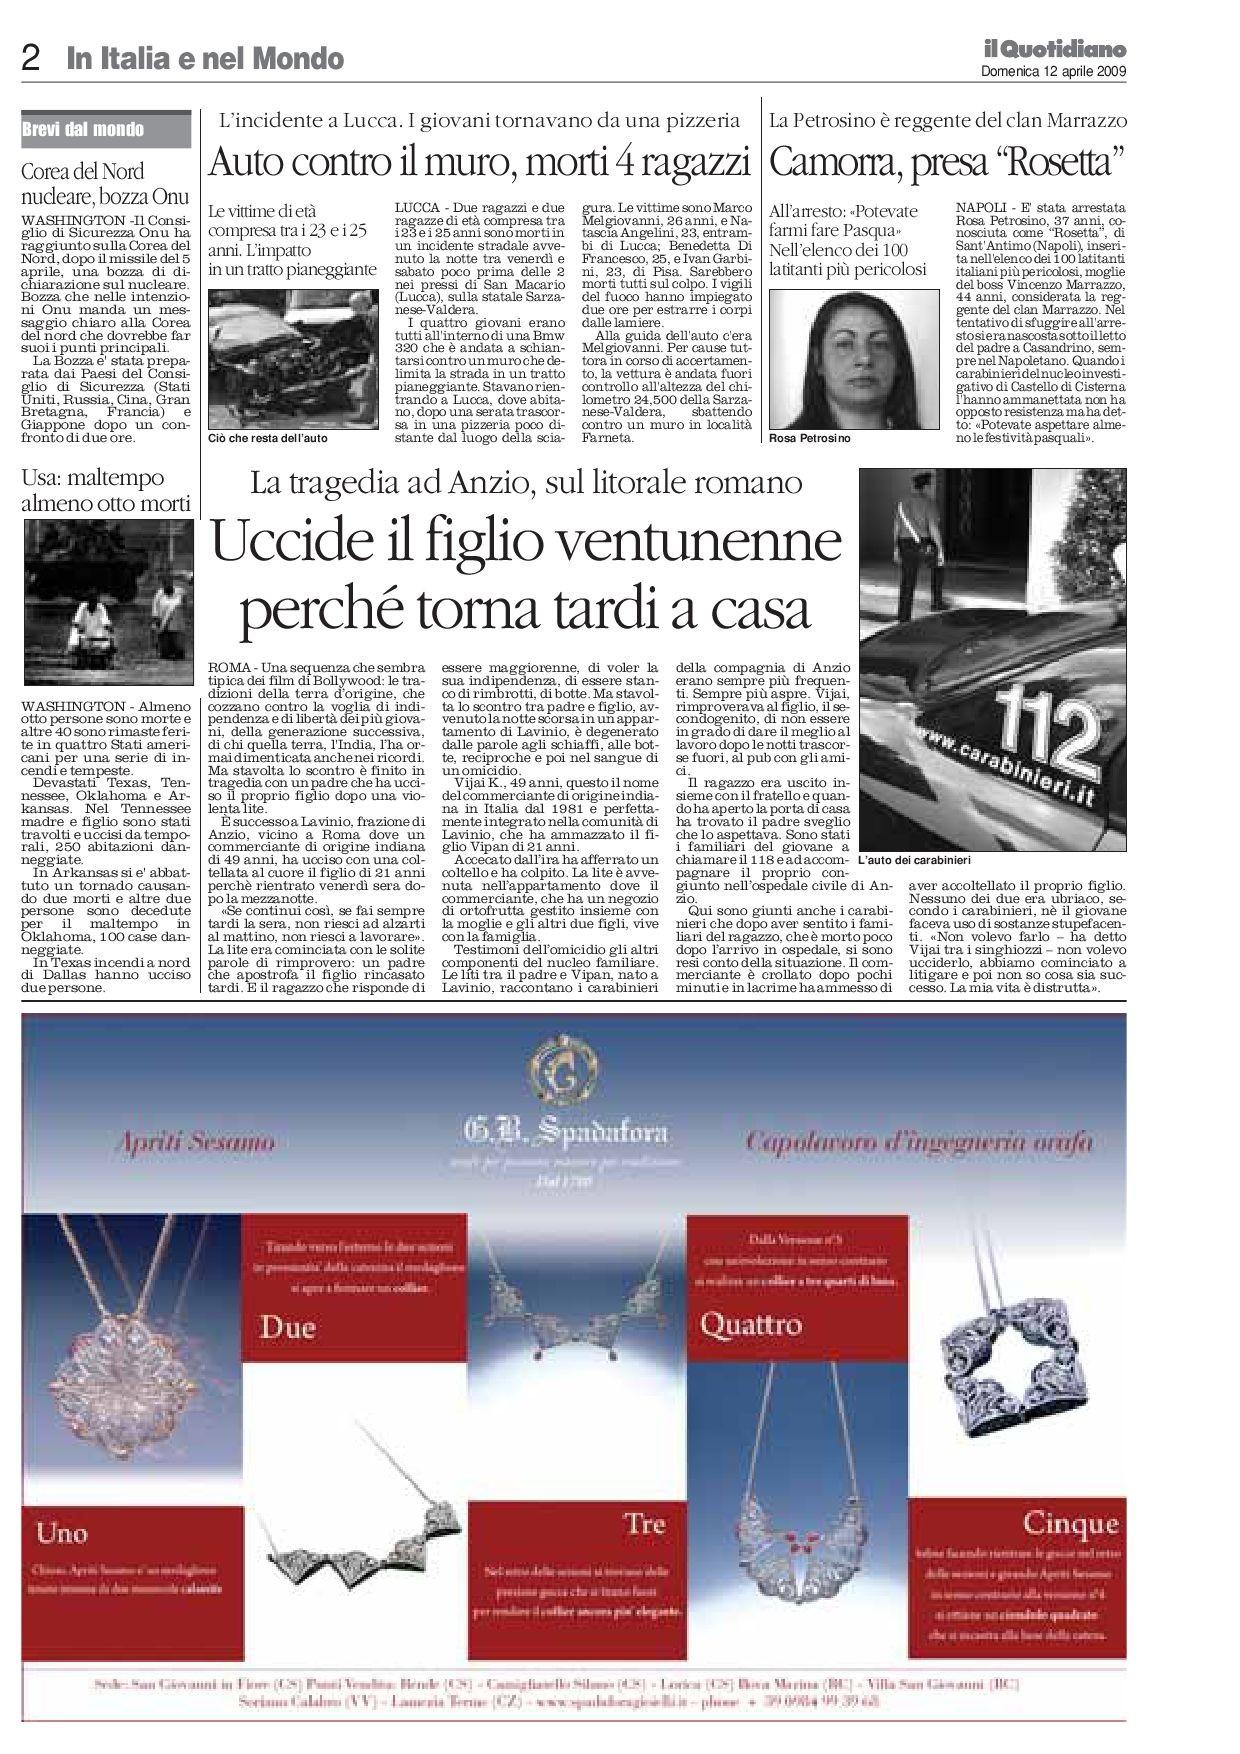 Calendario Serie A 2019 Completo Actual Qb by Antonio Carlucci issuu